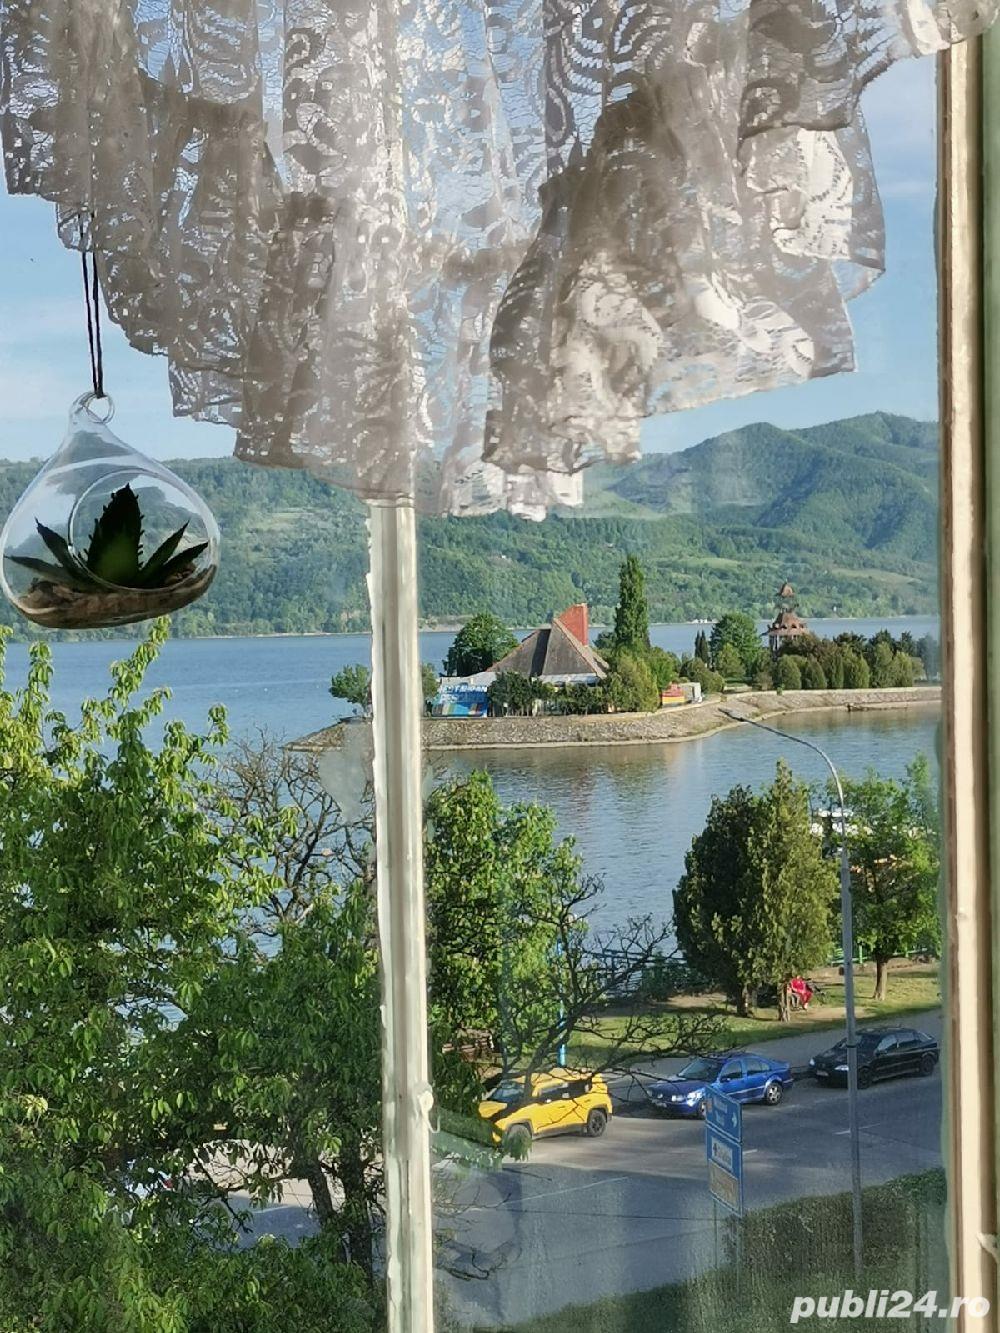 Cazare la Dunare - Orsova, apartament cu vedere la Dunare